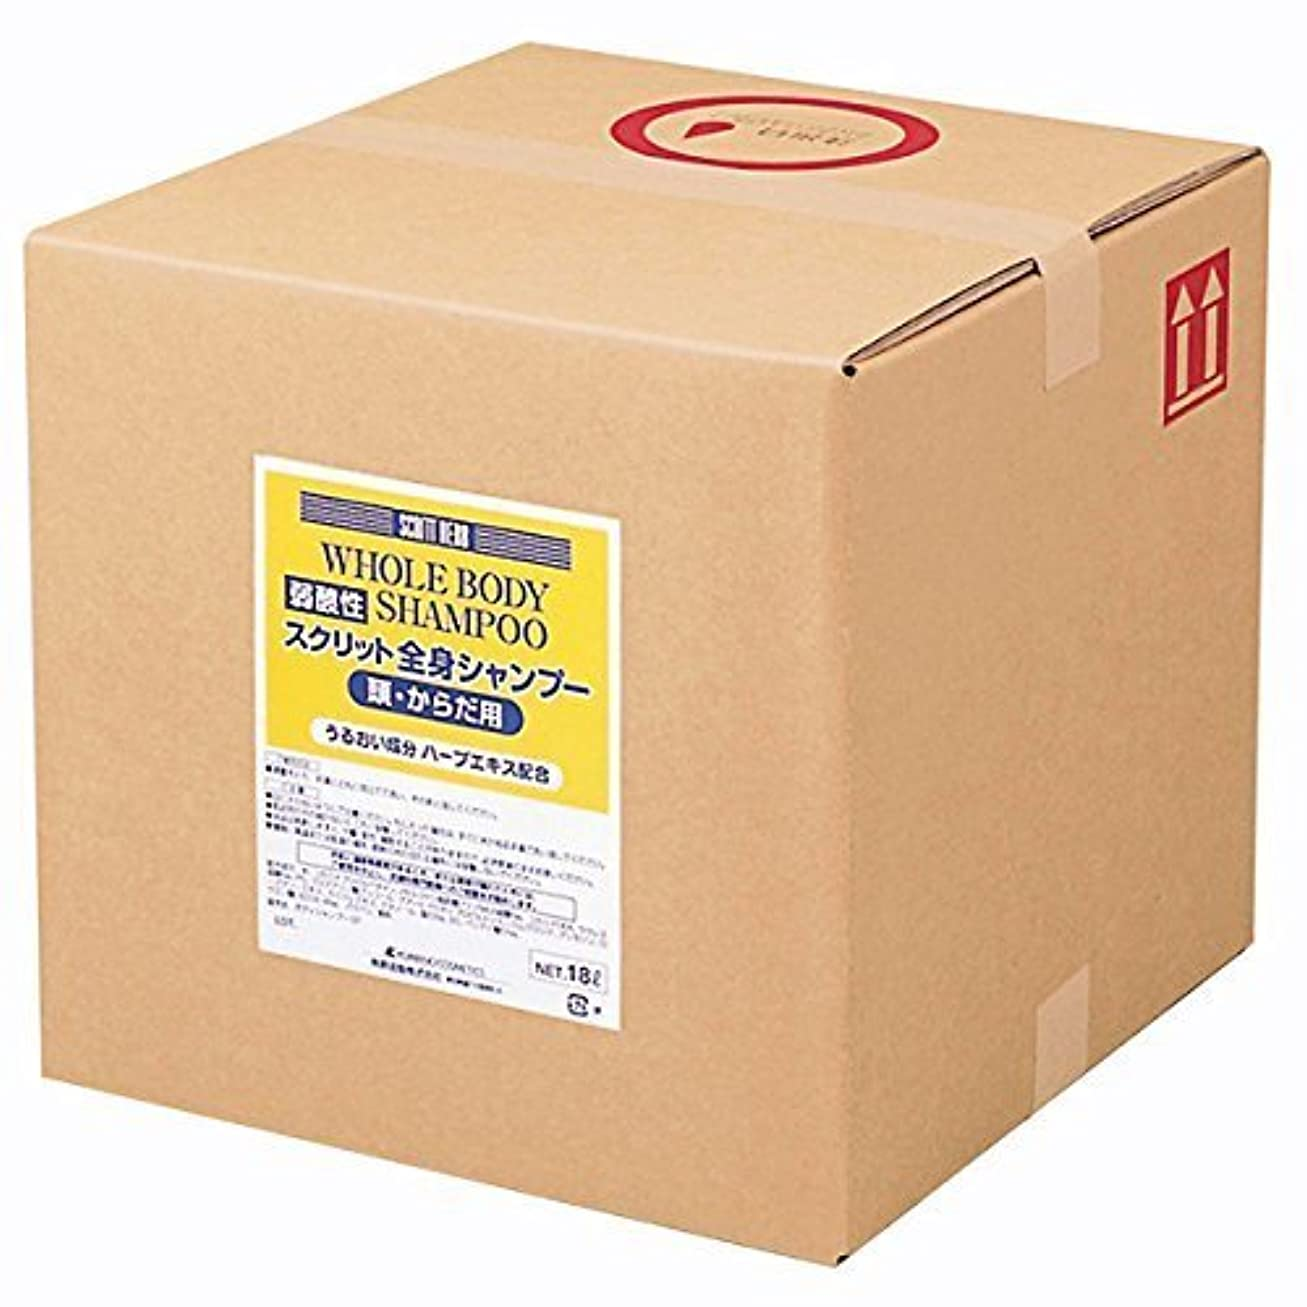 妊娠したショート発明業務用 SCRITT(スクリット) 全身シャンプー 18L 熊野油脂 (コック付き)